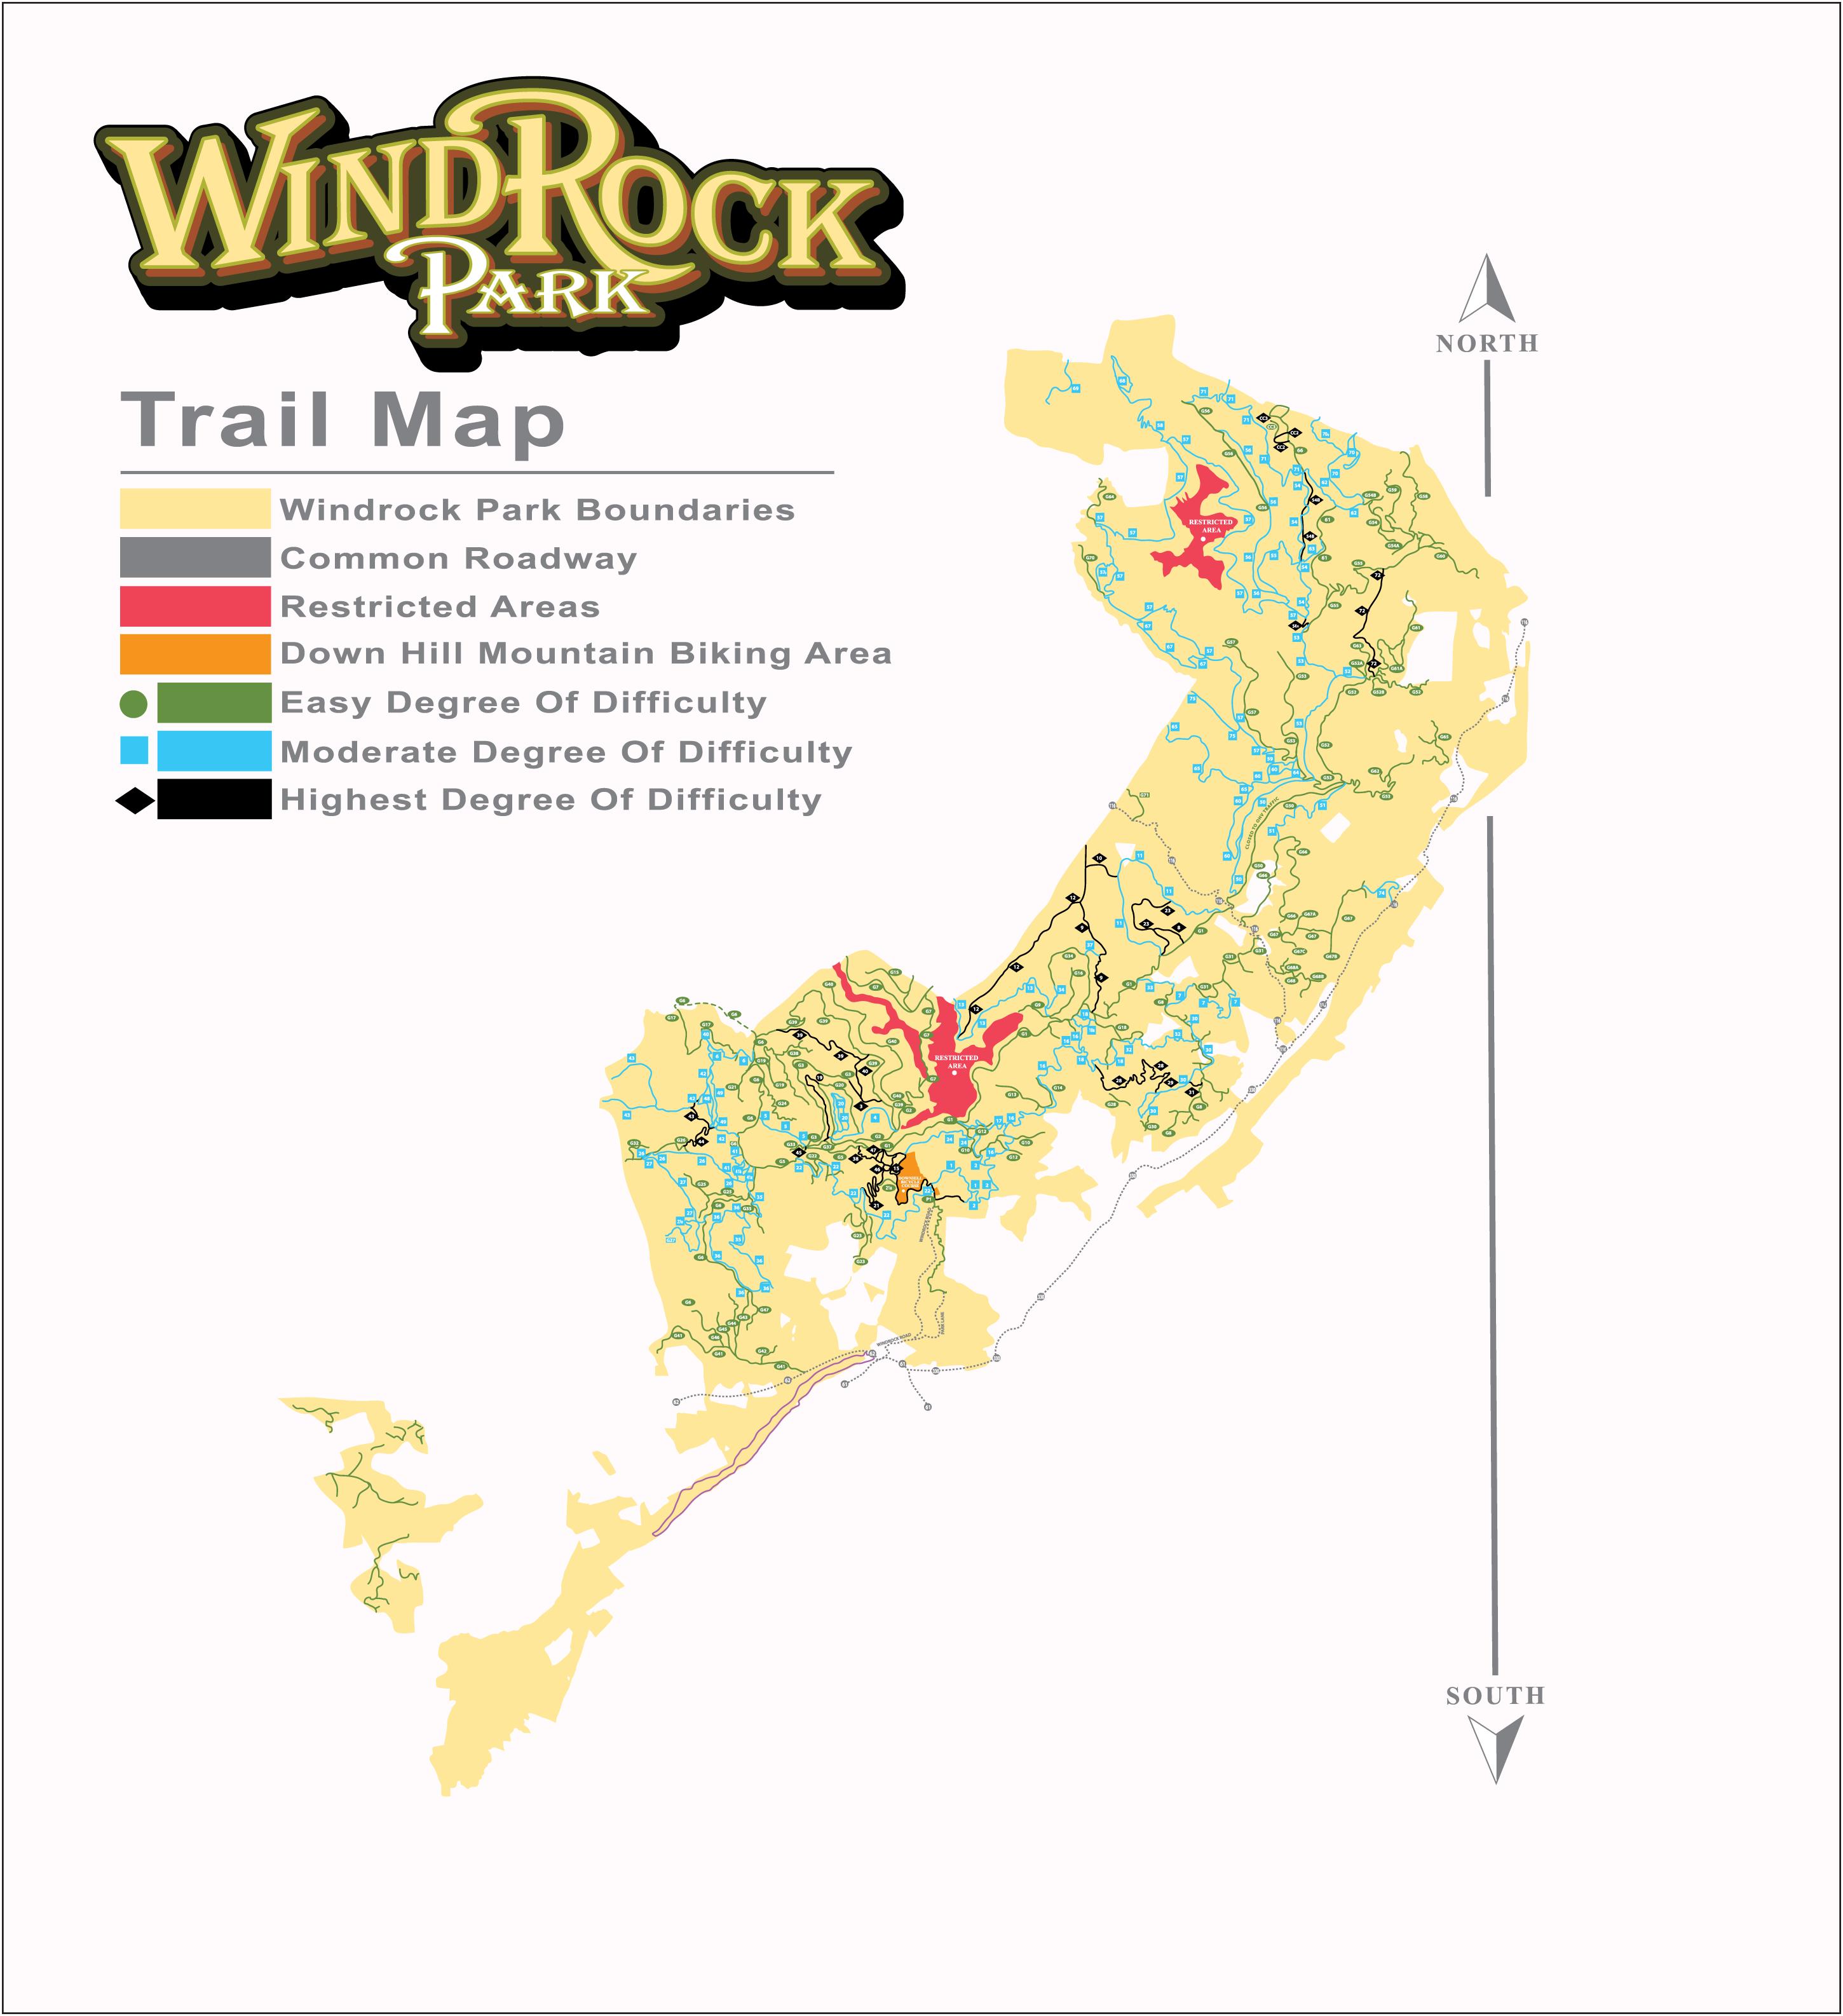 Park Maps Windrock Park Map Trail Maps Park